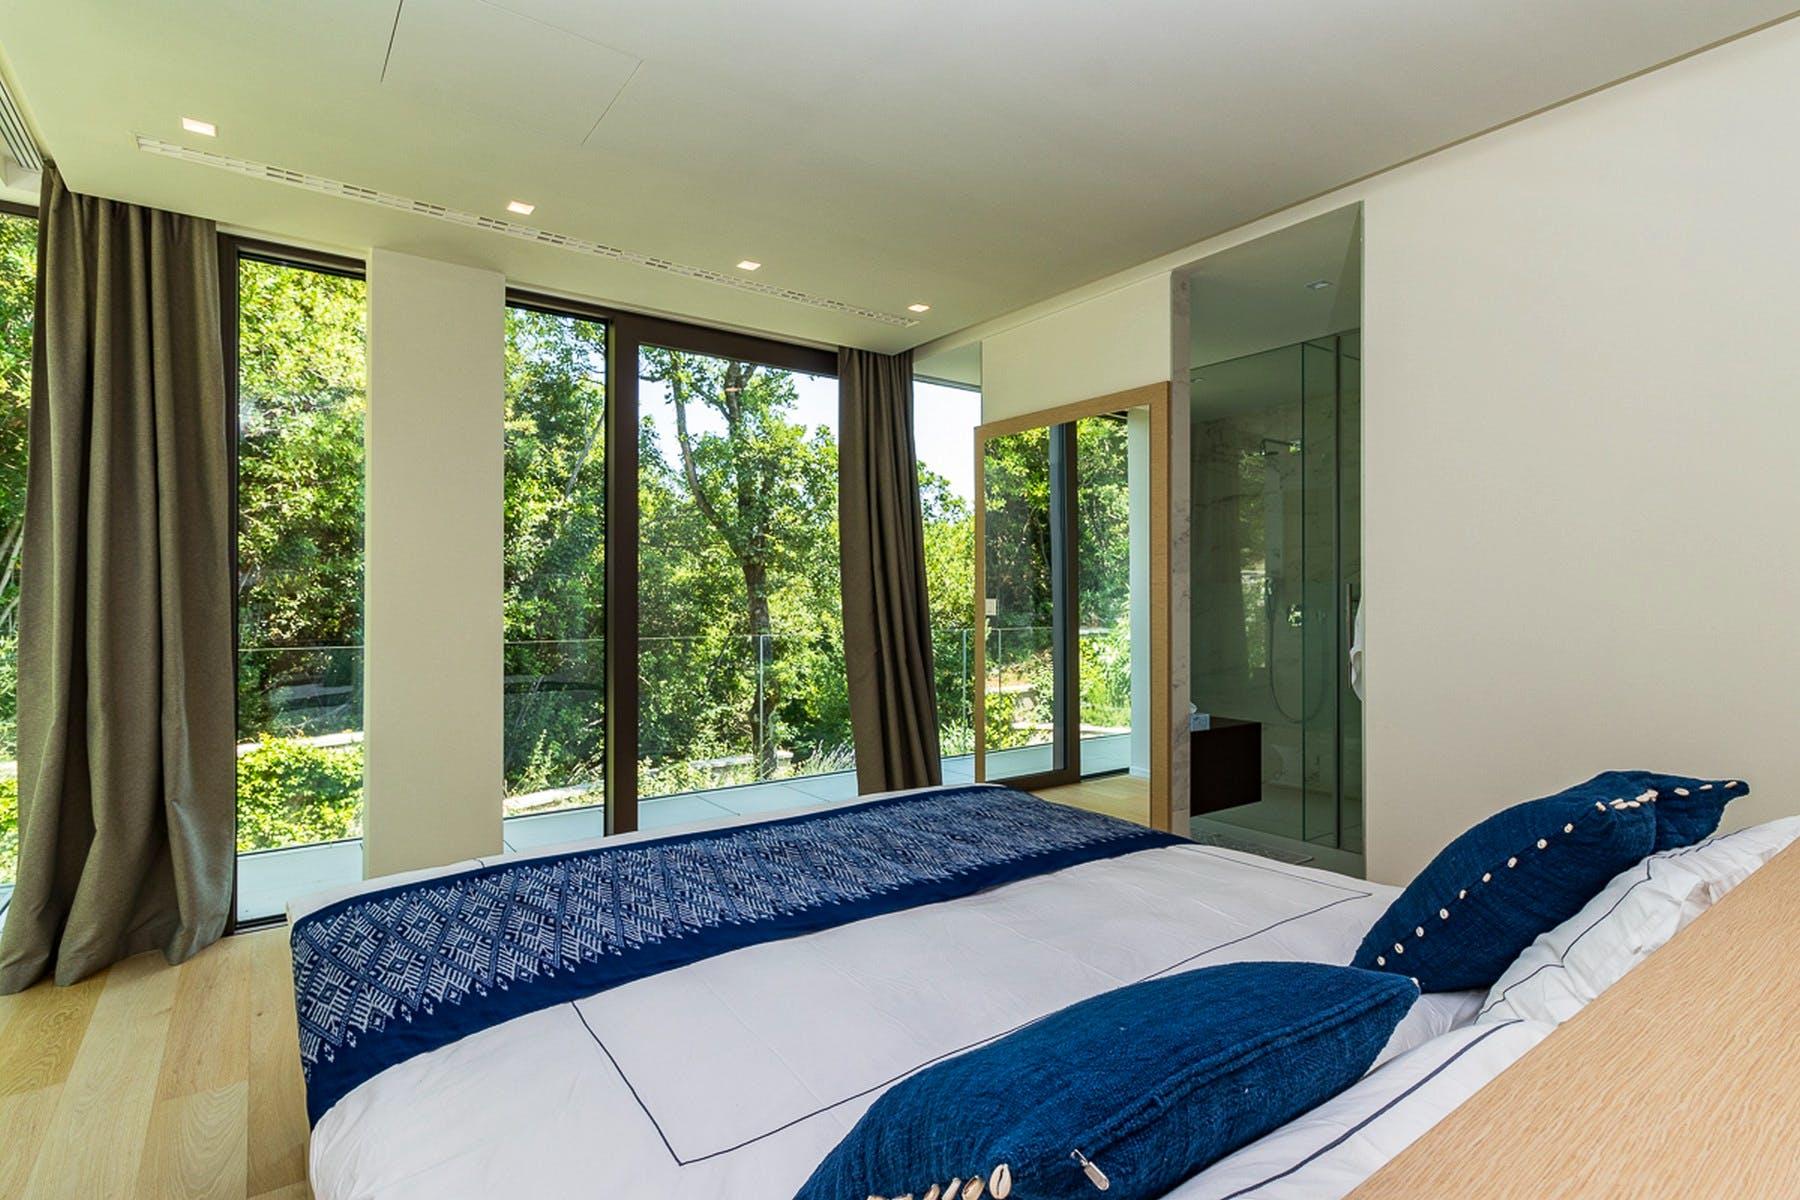 Spavaća soba s pogledom na prirodu